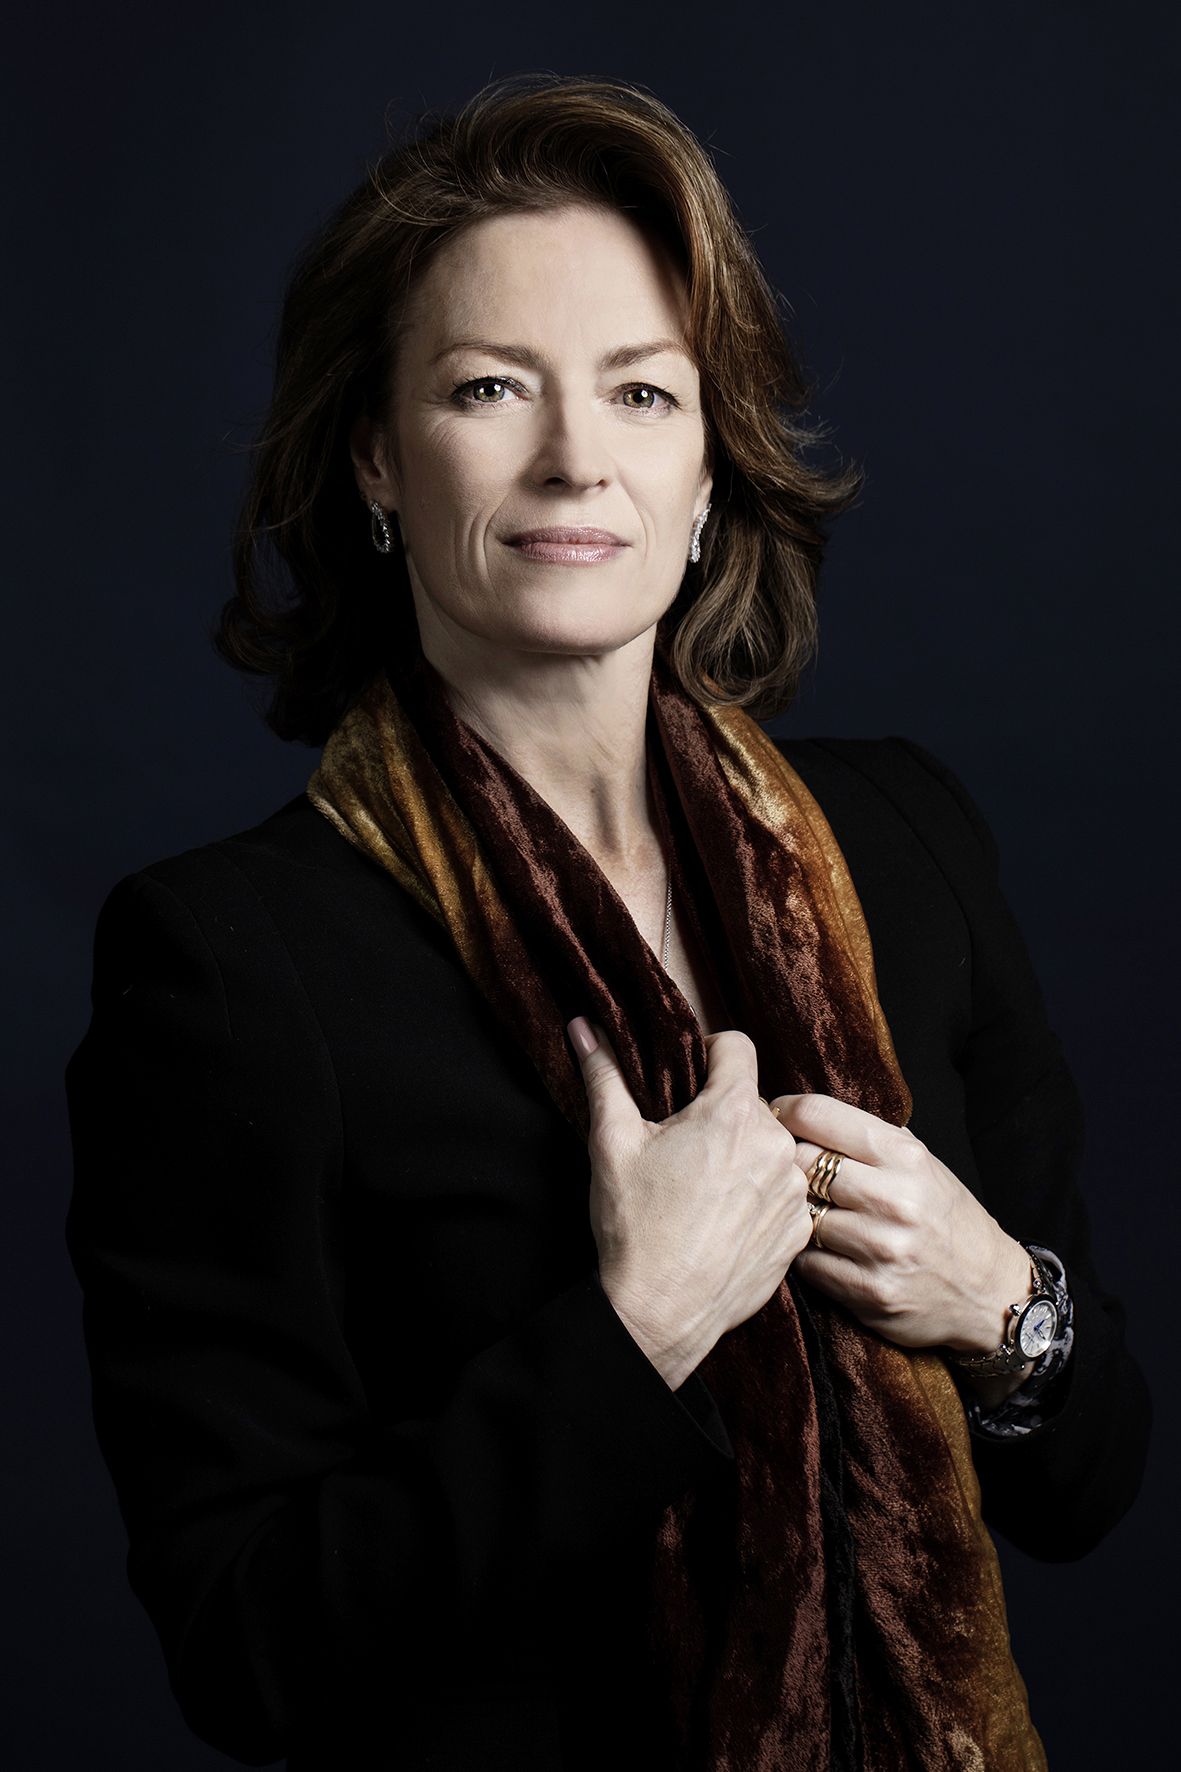 Kathryn Bradney